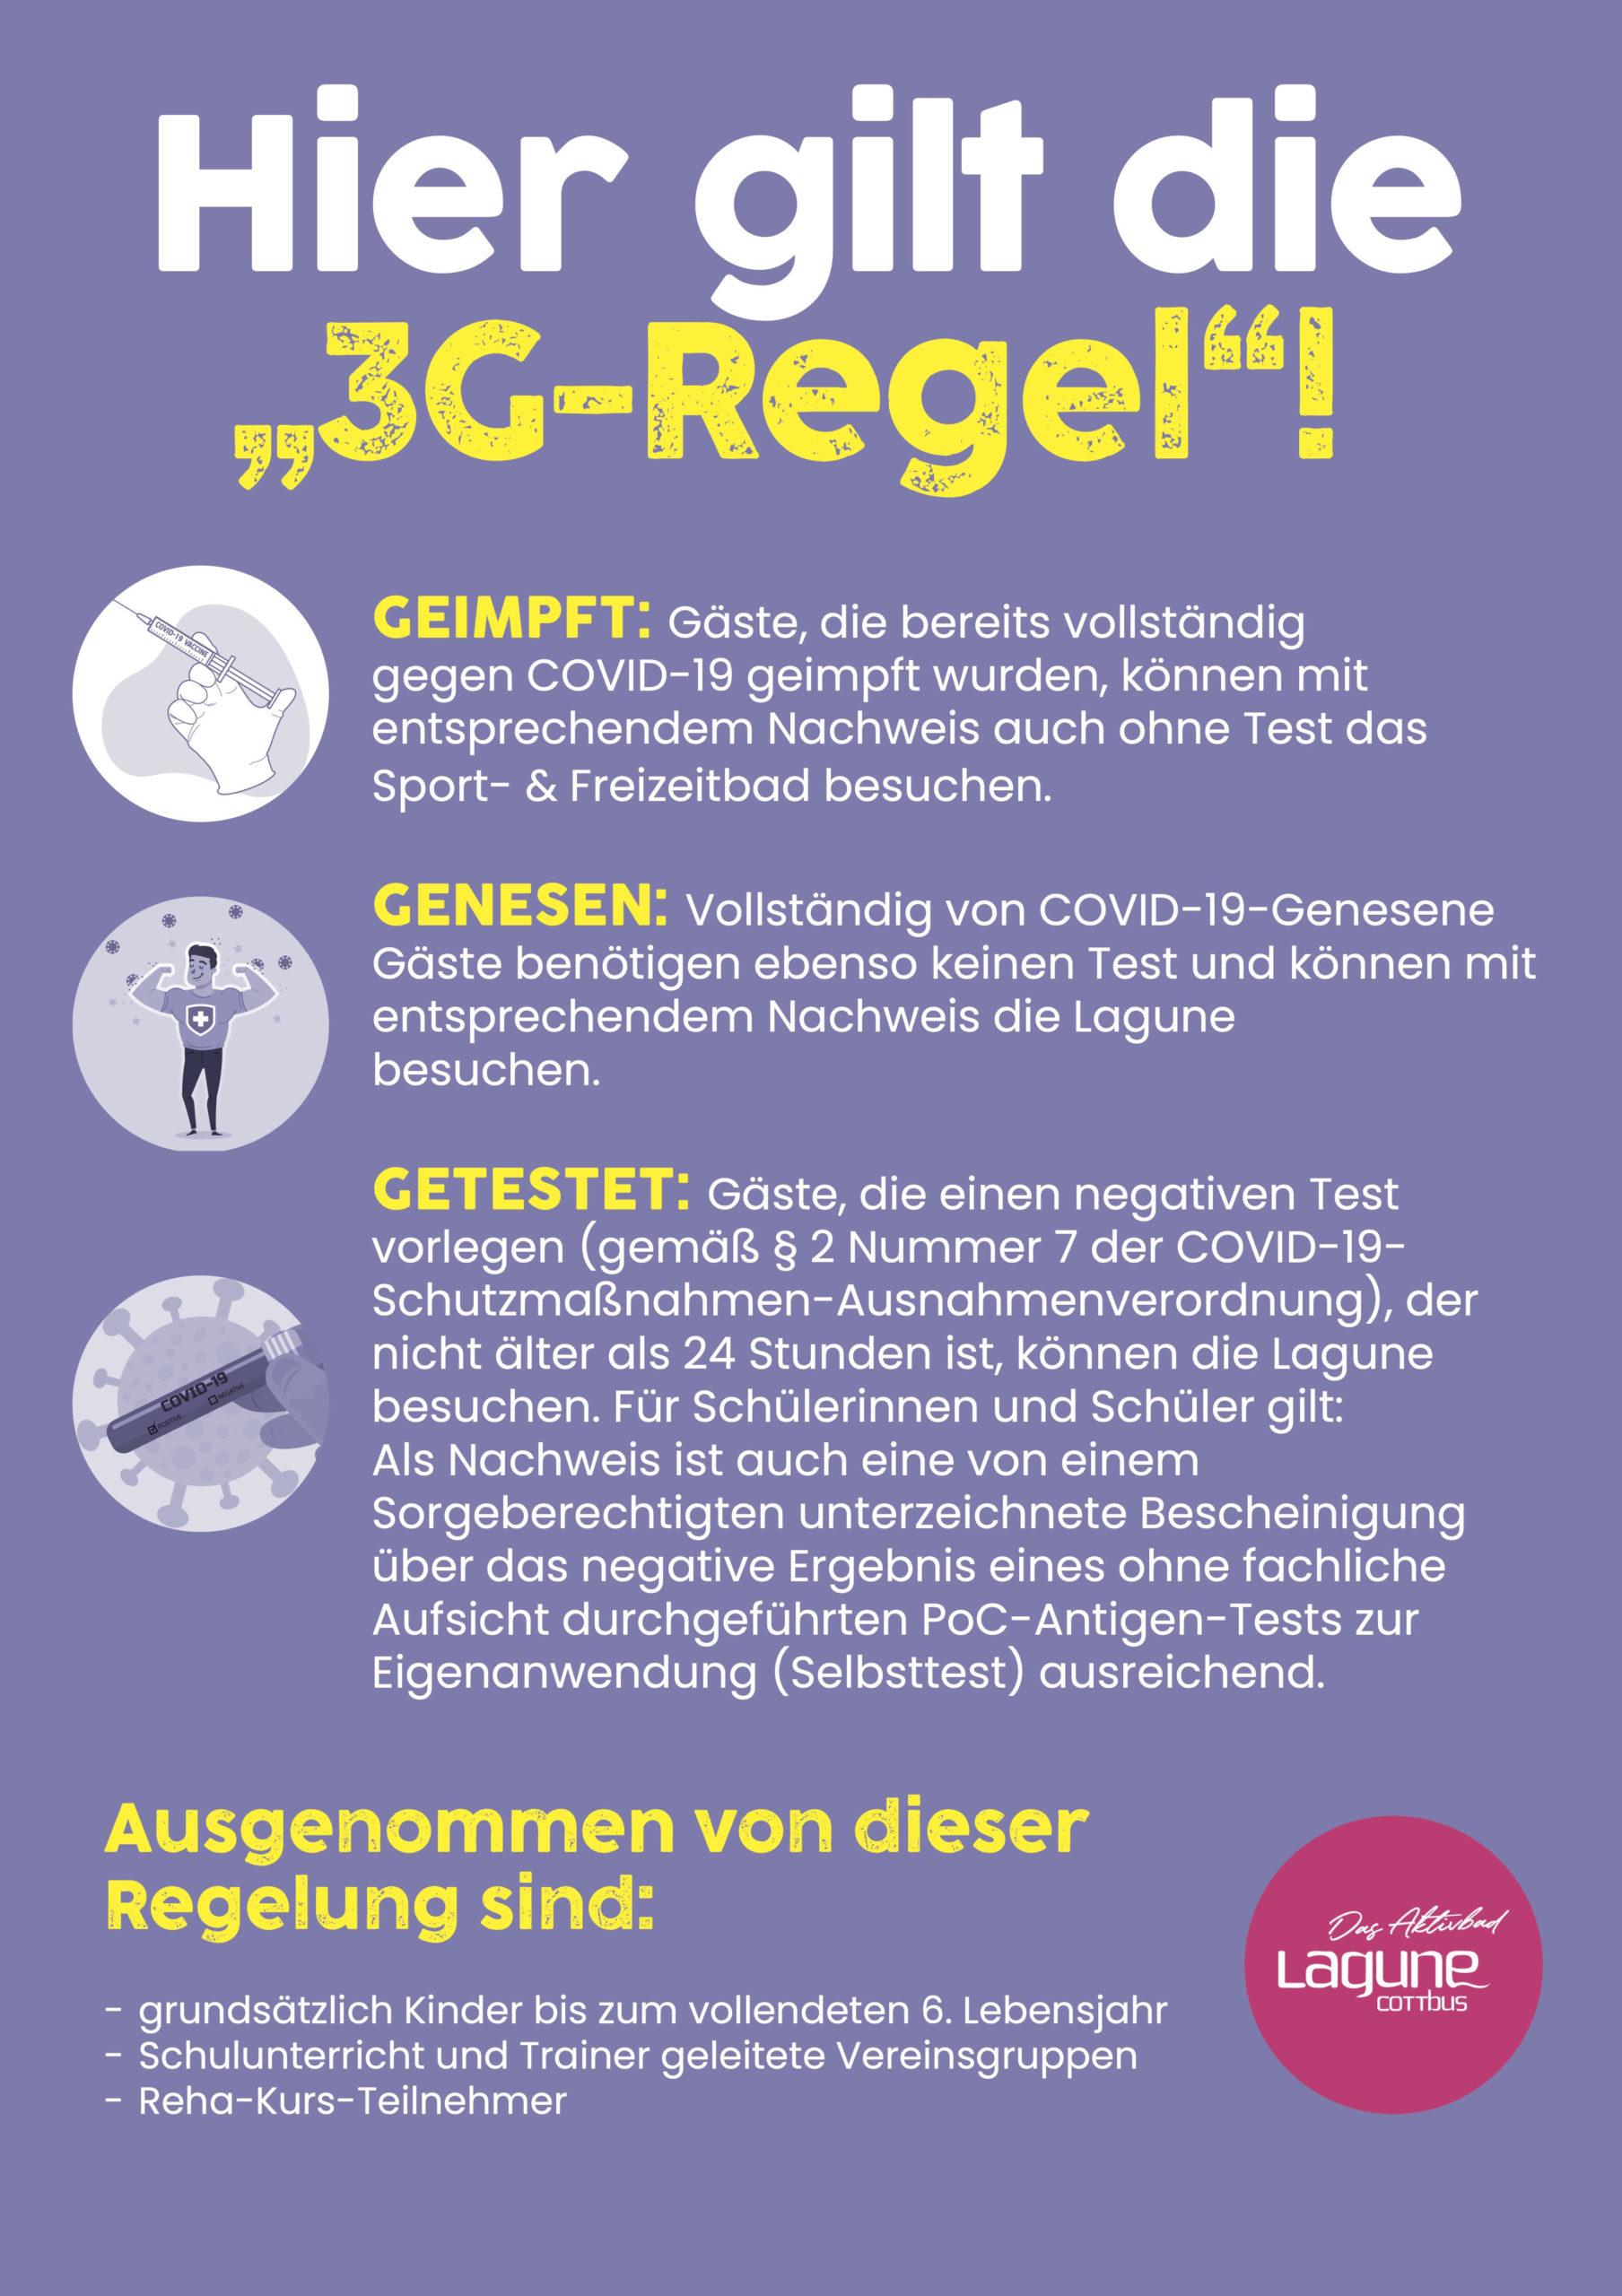 3G-Regel Lagune Cottbus